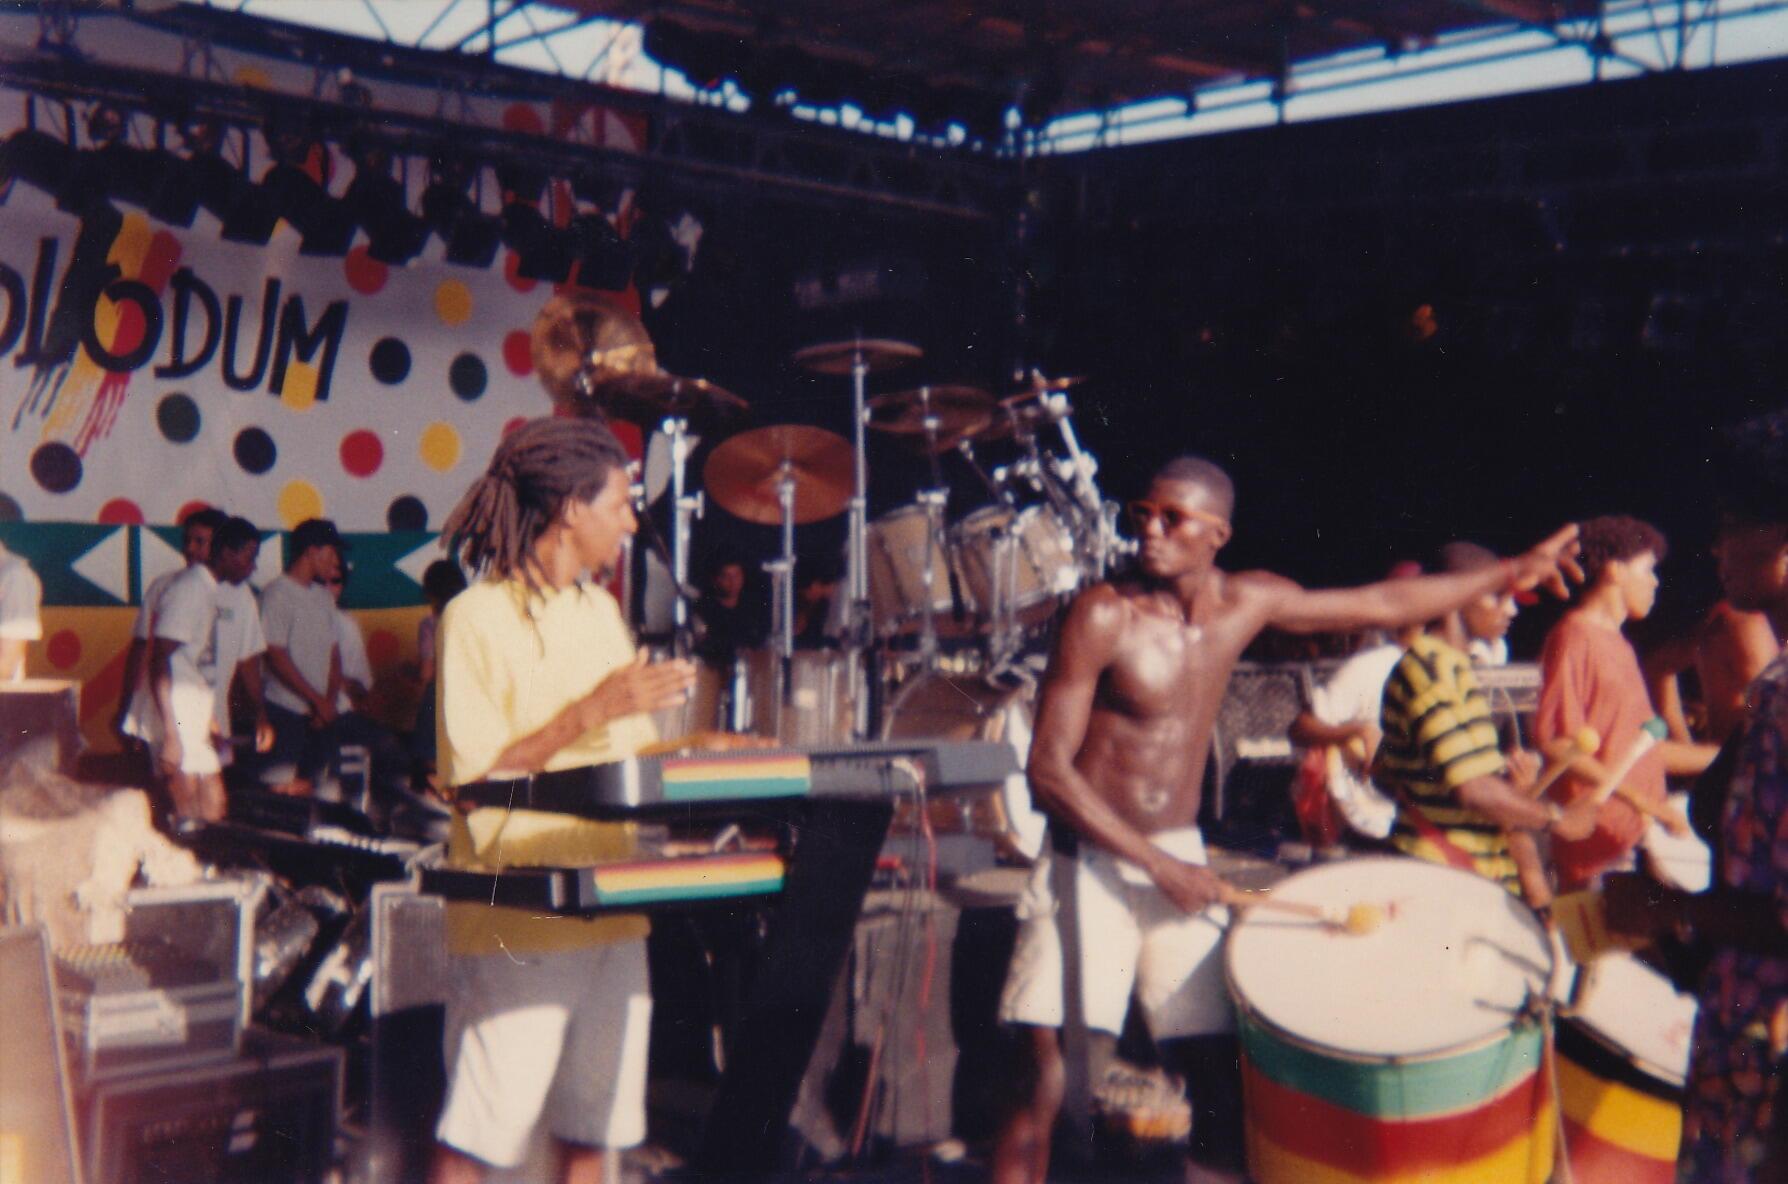 """Douglas não se considera um cantor, se coloca como servidor """"porque tenho que interpretar a mensagem que recebi e mandar. Meu bisavô foi escravo, meu avô sanfoneiro, meu pai tinha um grupo de samba, meu tio é compositor, fundador da escola de samba de Belo Horizonte, e eu só estou dando continuidade a essa história"""""""